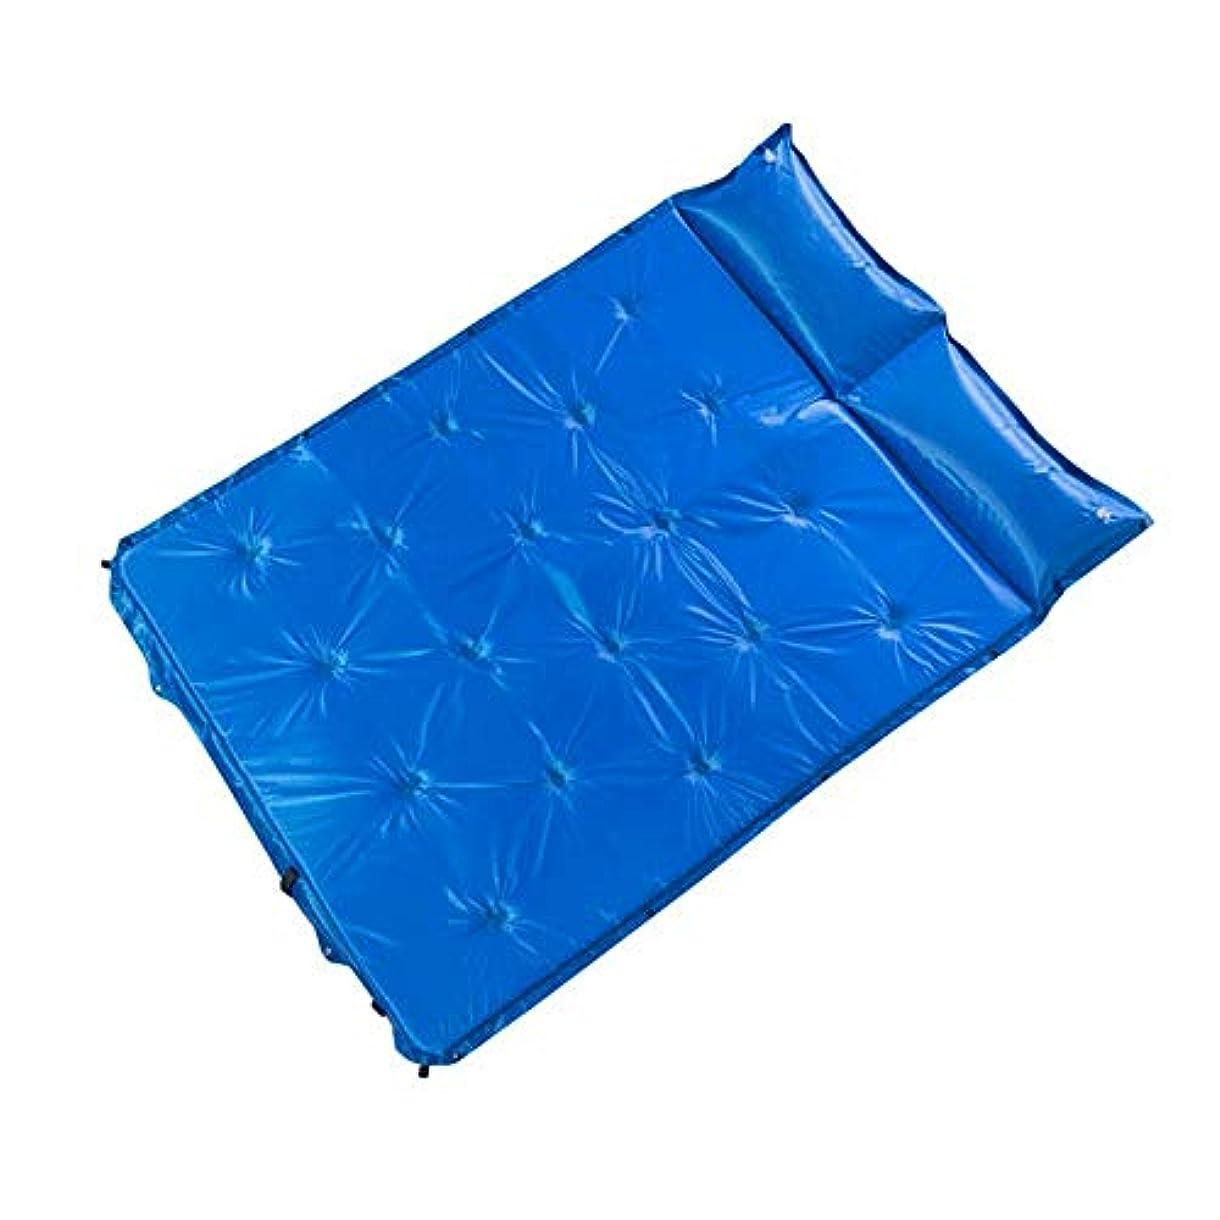 非行シーボードゴムJia Xing キャンプエアベッド自動インフレータブルクッション屋外旅行キャンプダブルスプライシング自己充填パッド水分パッドポータブルフロアマット自動エアベッド エアベッド (Color : Blue)